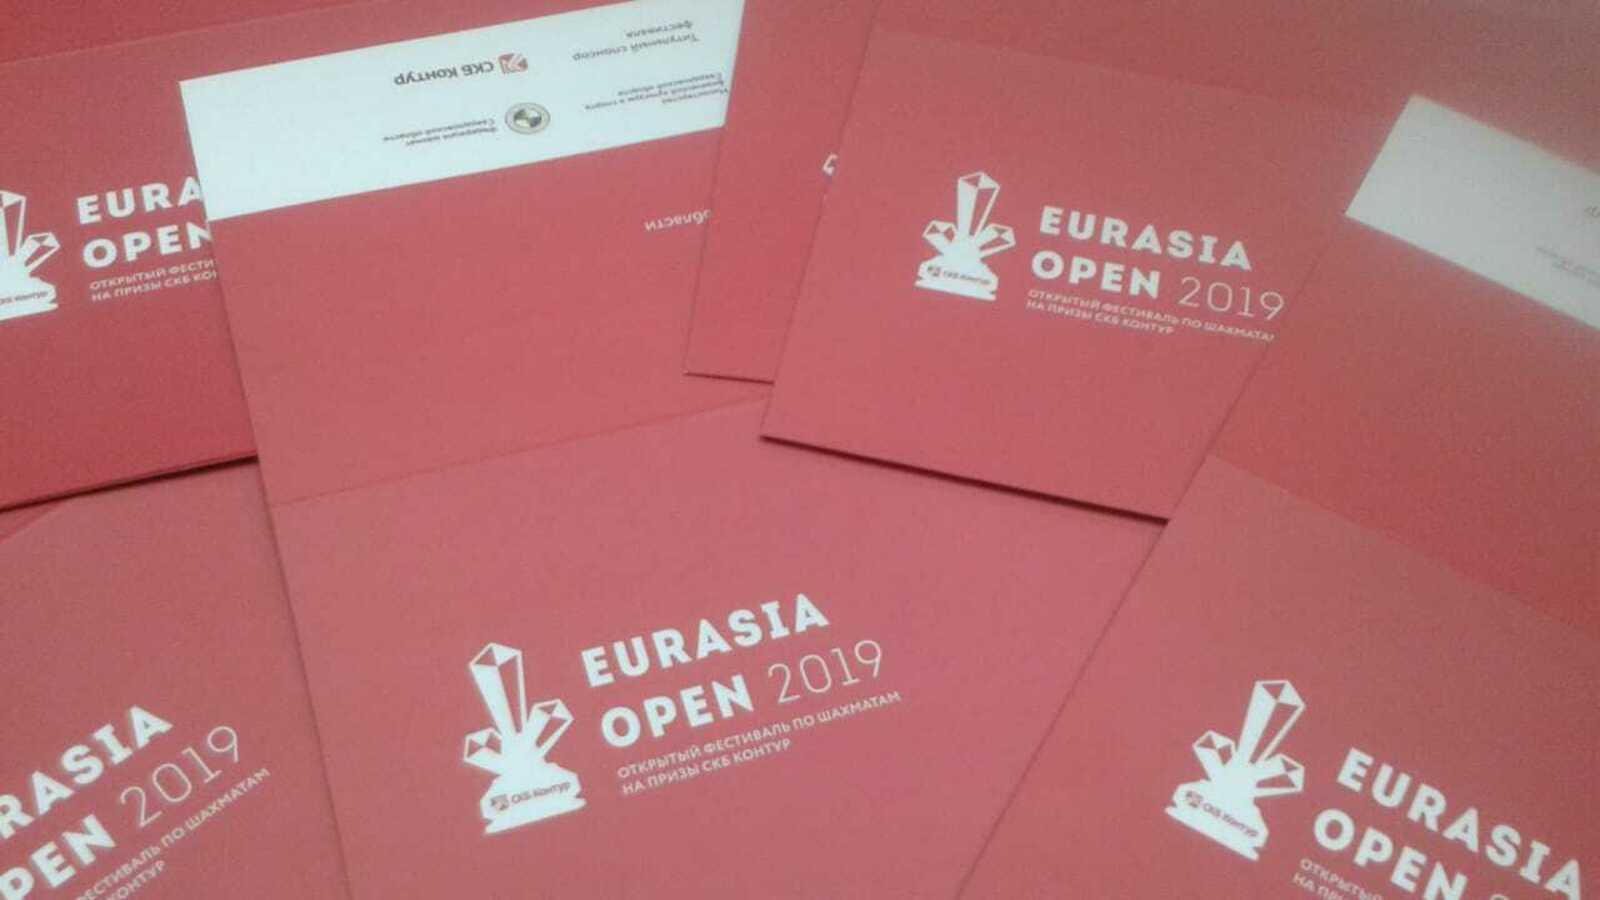 Международный фестиваль EURASIA OPEN - 2019 Екатеринбург 30 июля - 10 августа ДИВС